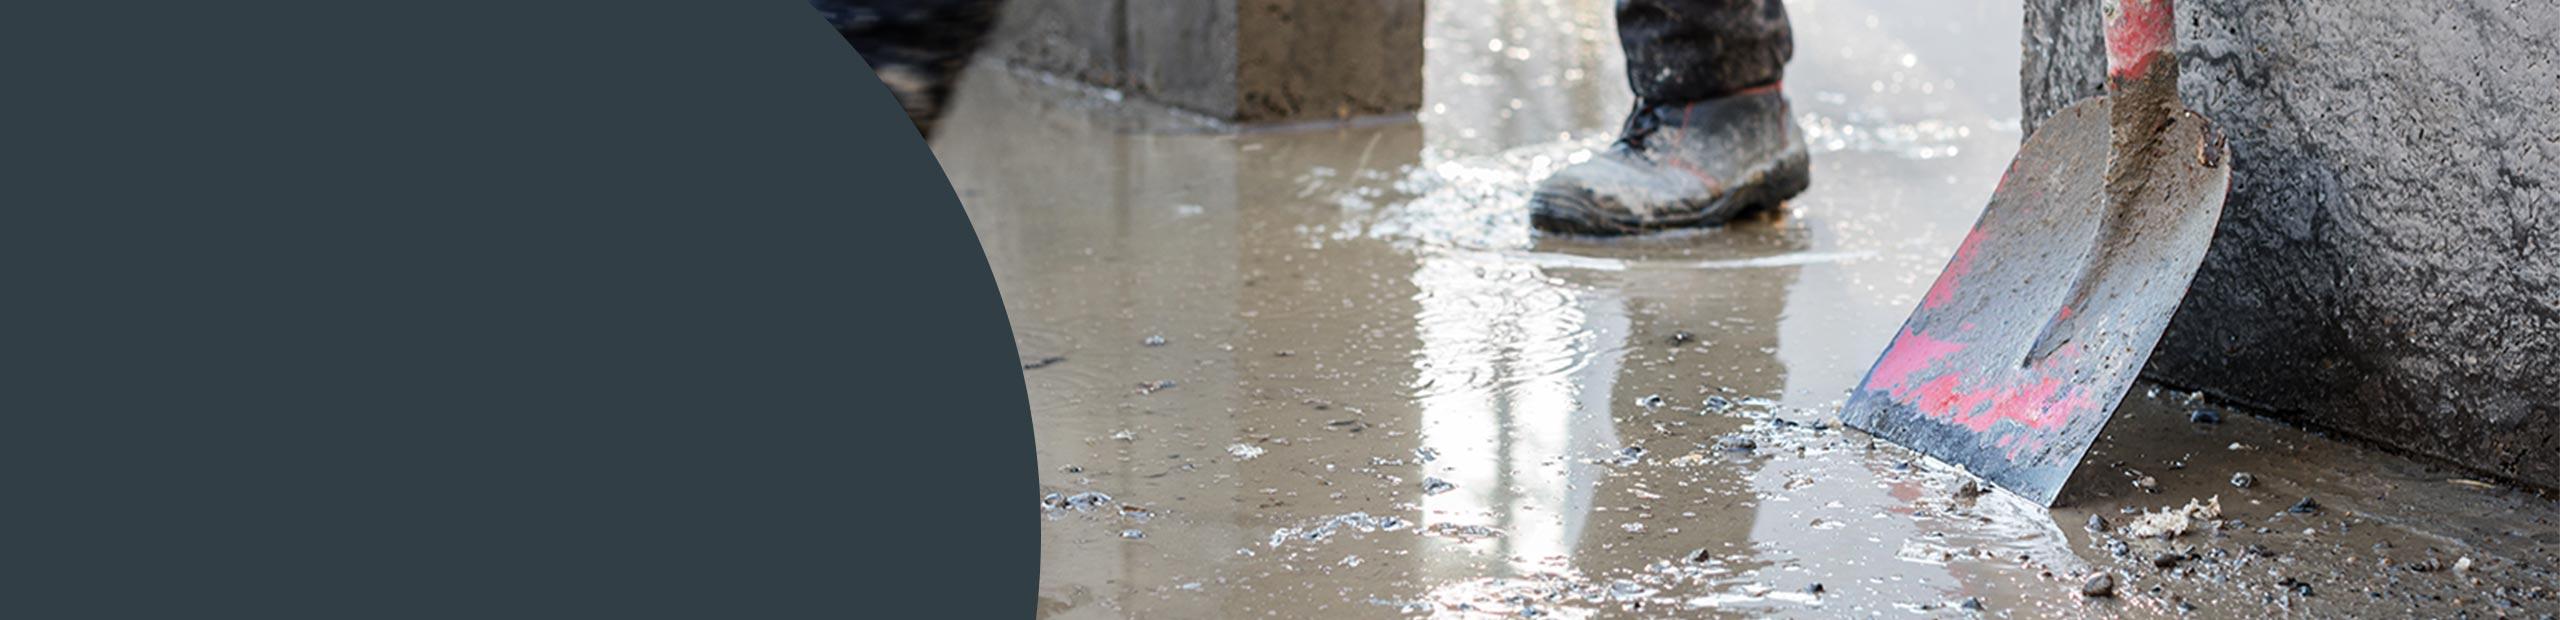 Flood Damage Clean-up Image